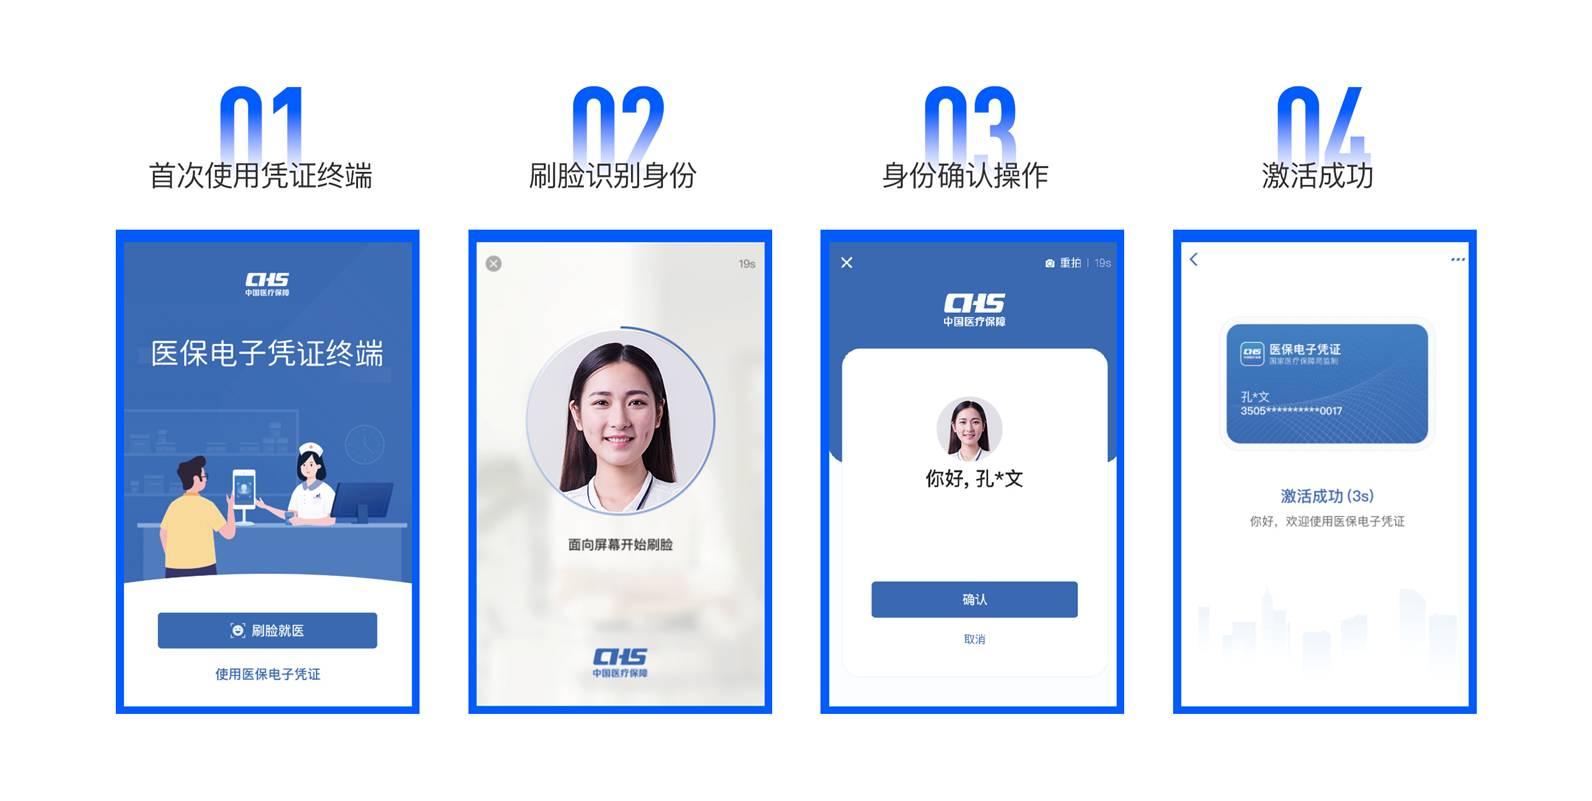 天波医保电子凭证终端C10T支持刷脸即激活.jpg